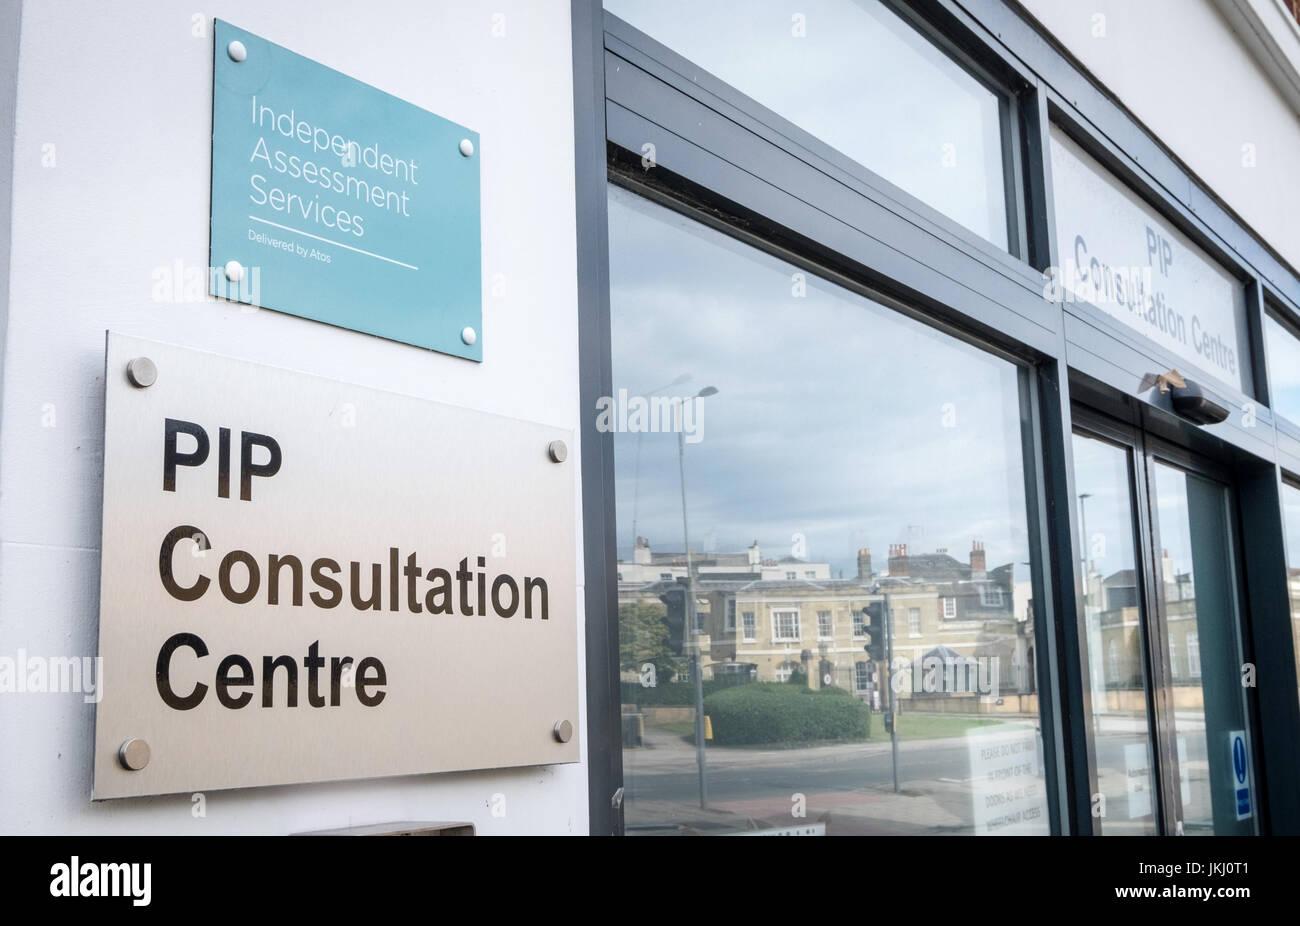 PIP (persönliche Unabhängigkeit Zahlungen) Beratungszentrum, Southampton, Hampshire, UK Stockbild